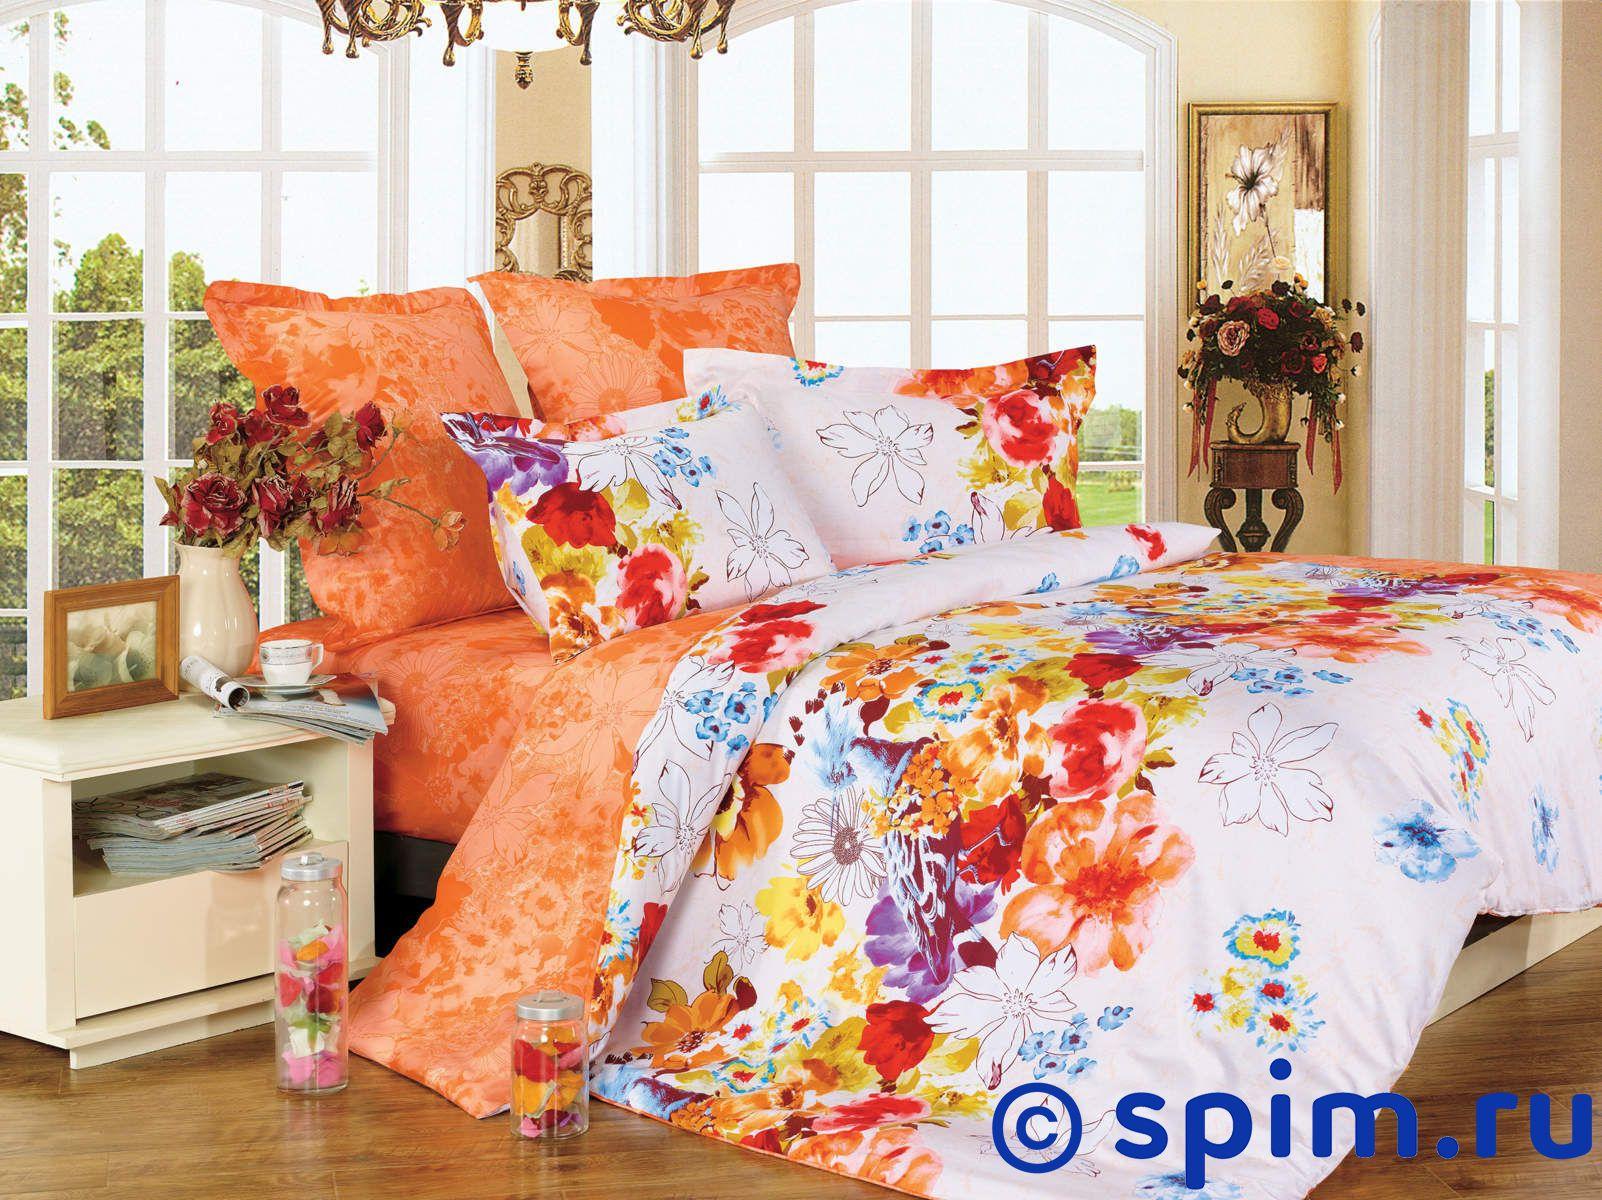 Комплект СайлиД В133 1.5 спальное